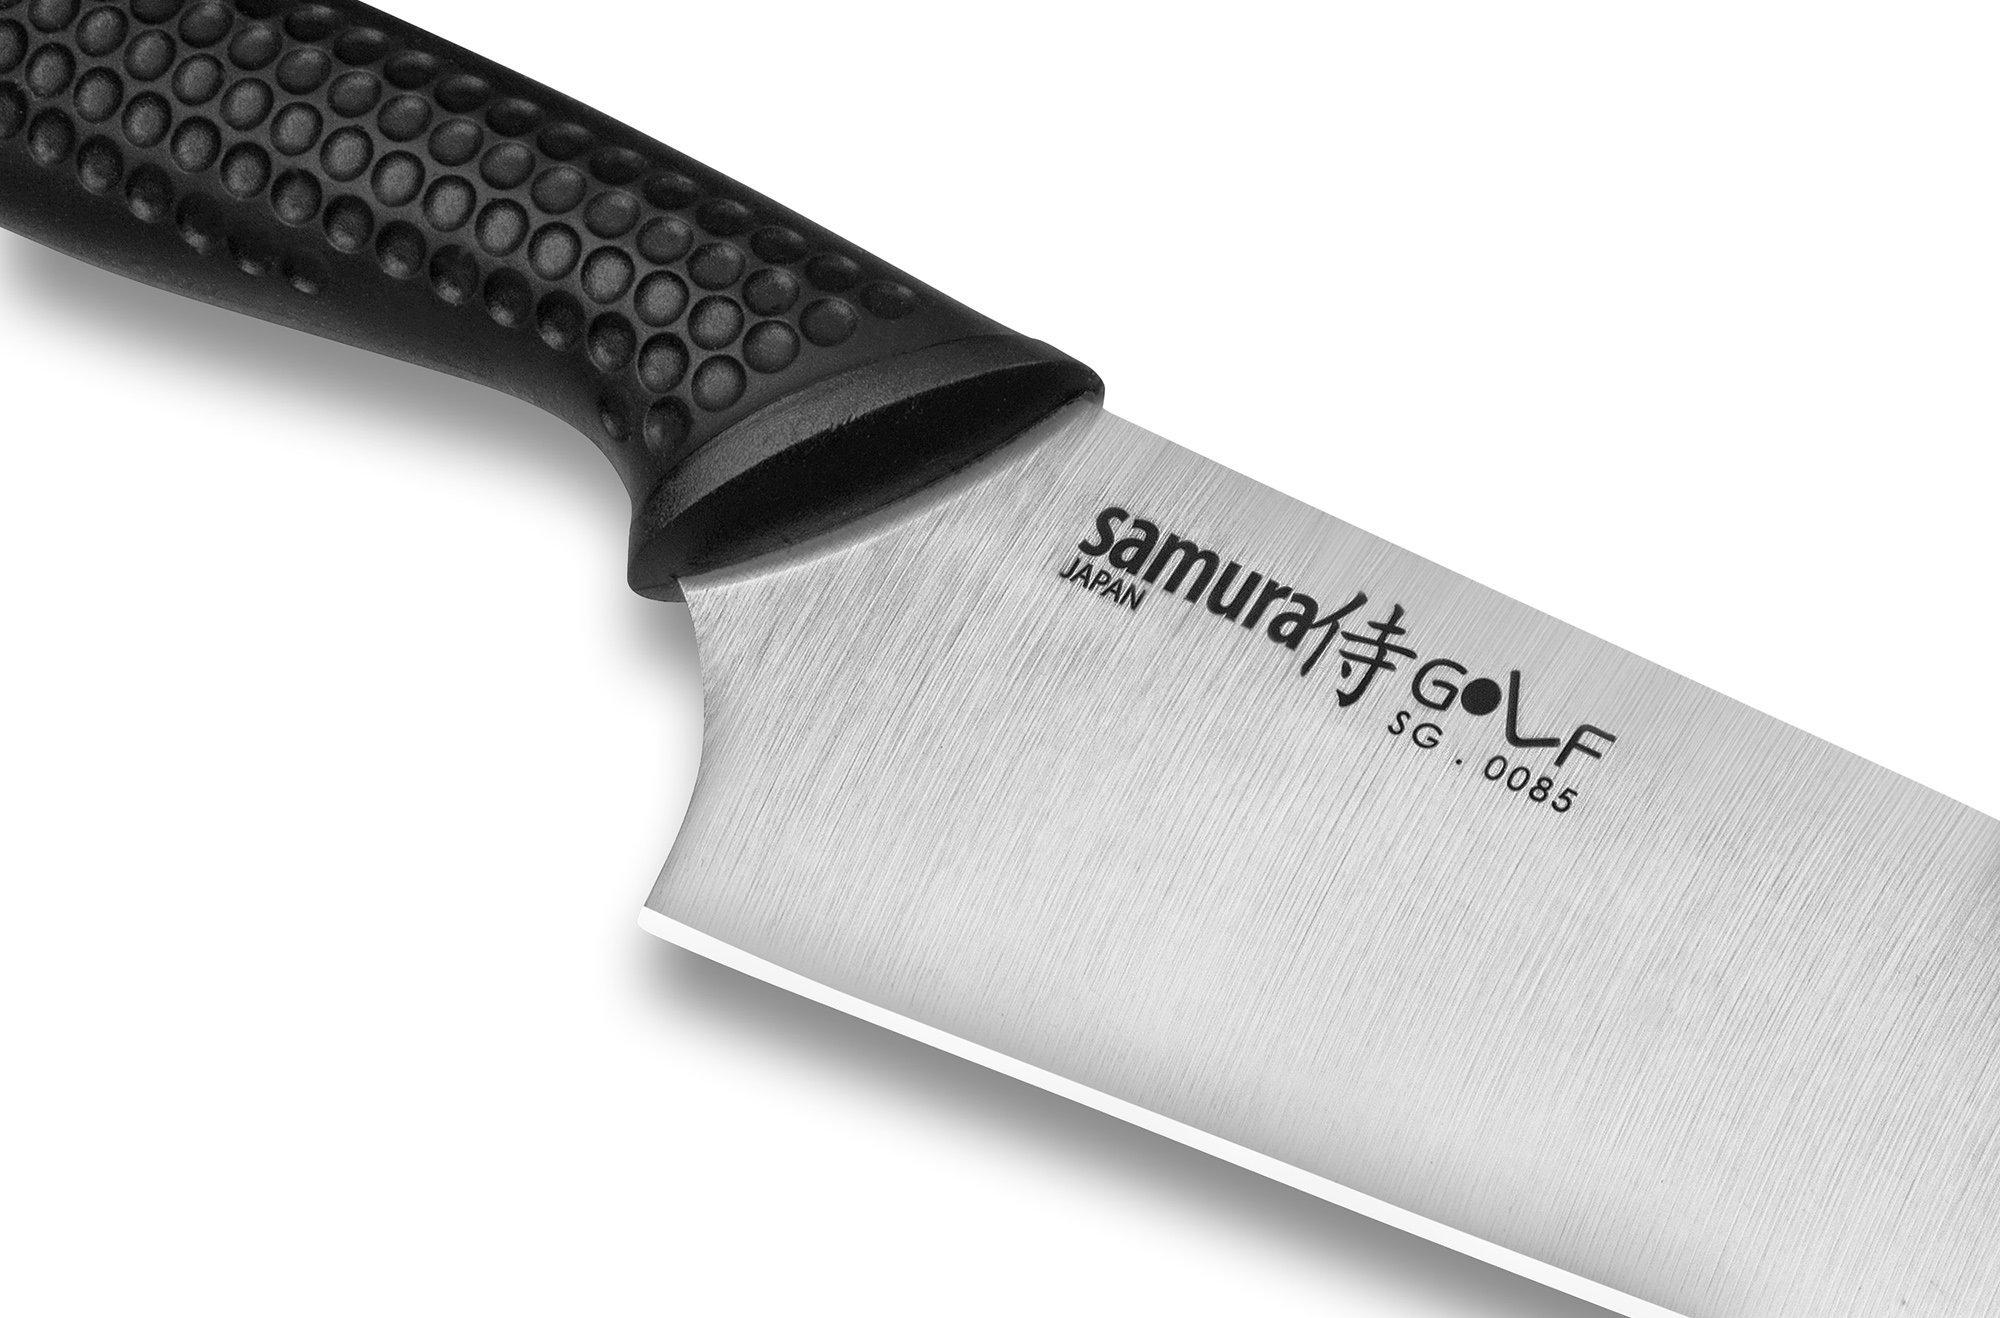 Фото 11 - Нож кухонный Шеф Samura GOLF - SG-0085, сталь AUS-8, рукоять полипропилен, 221 мм